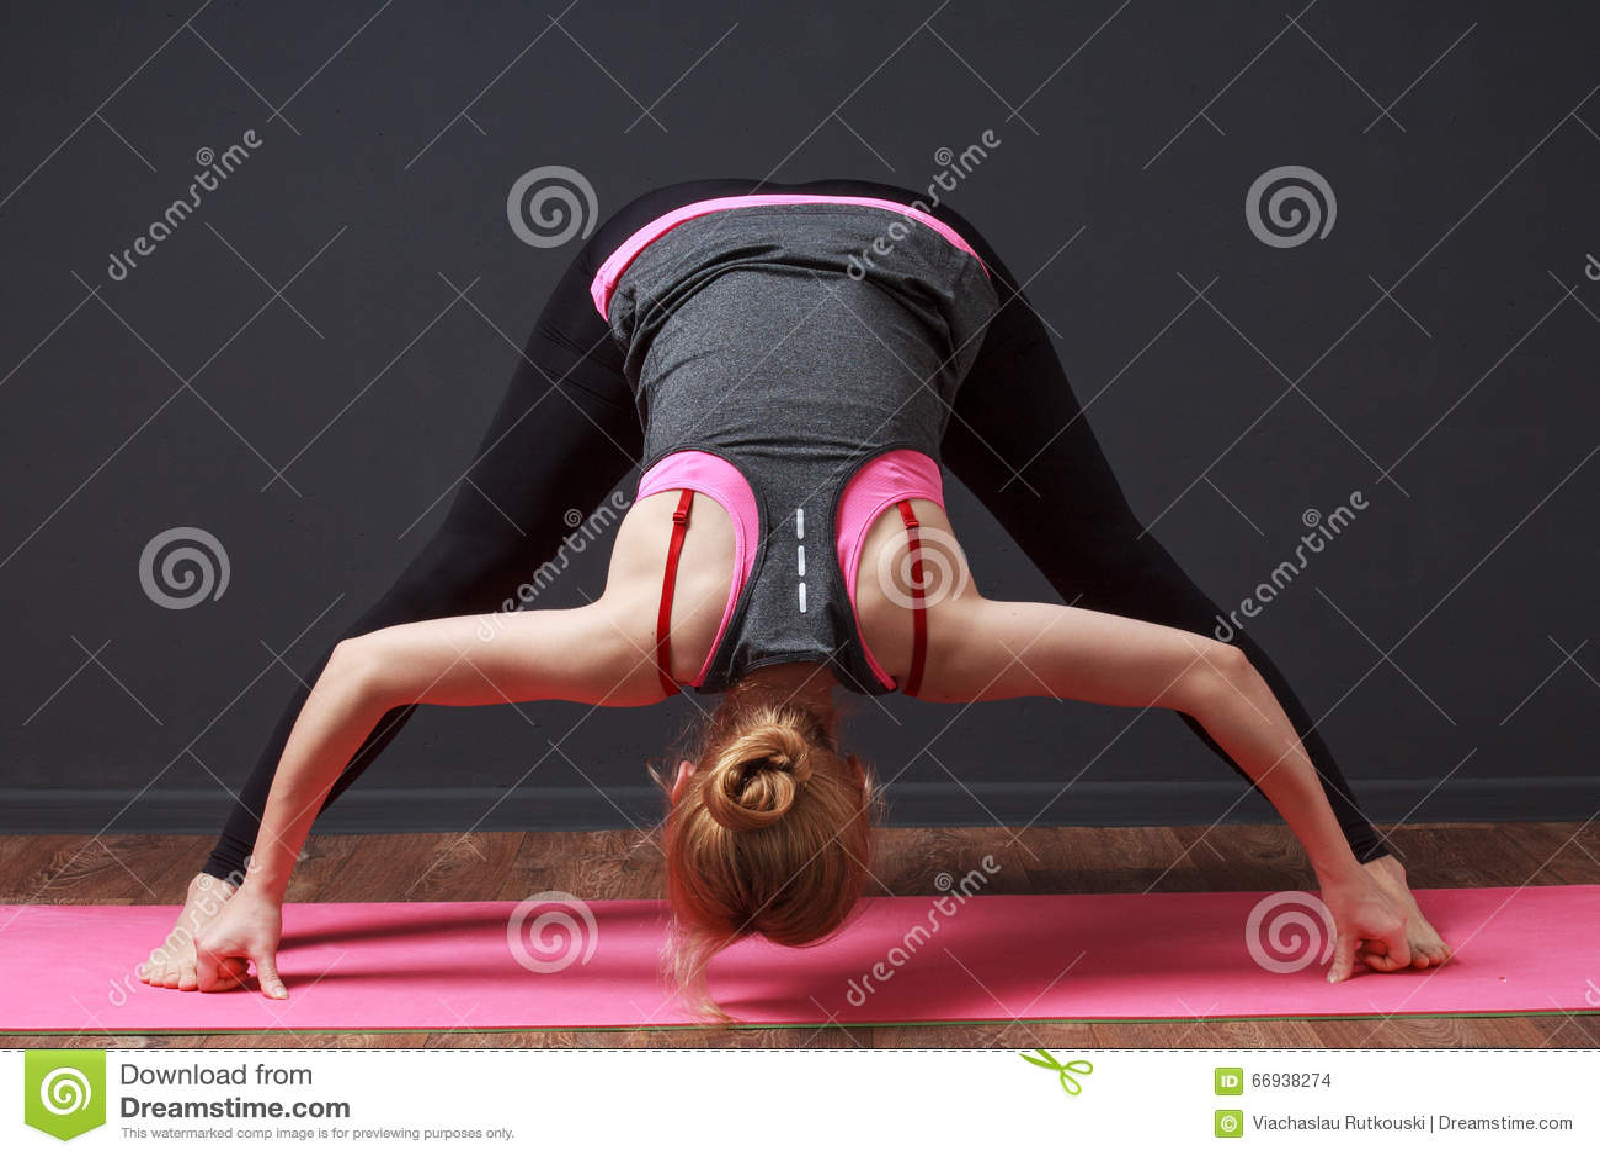 Yoga Tiefe Biegung Mit Den Gespreizten Beinen Frau Die Training Tut